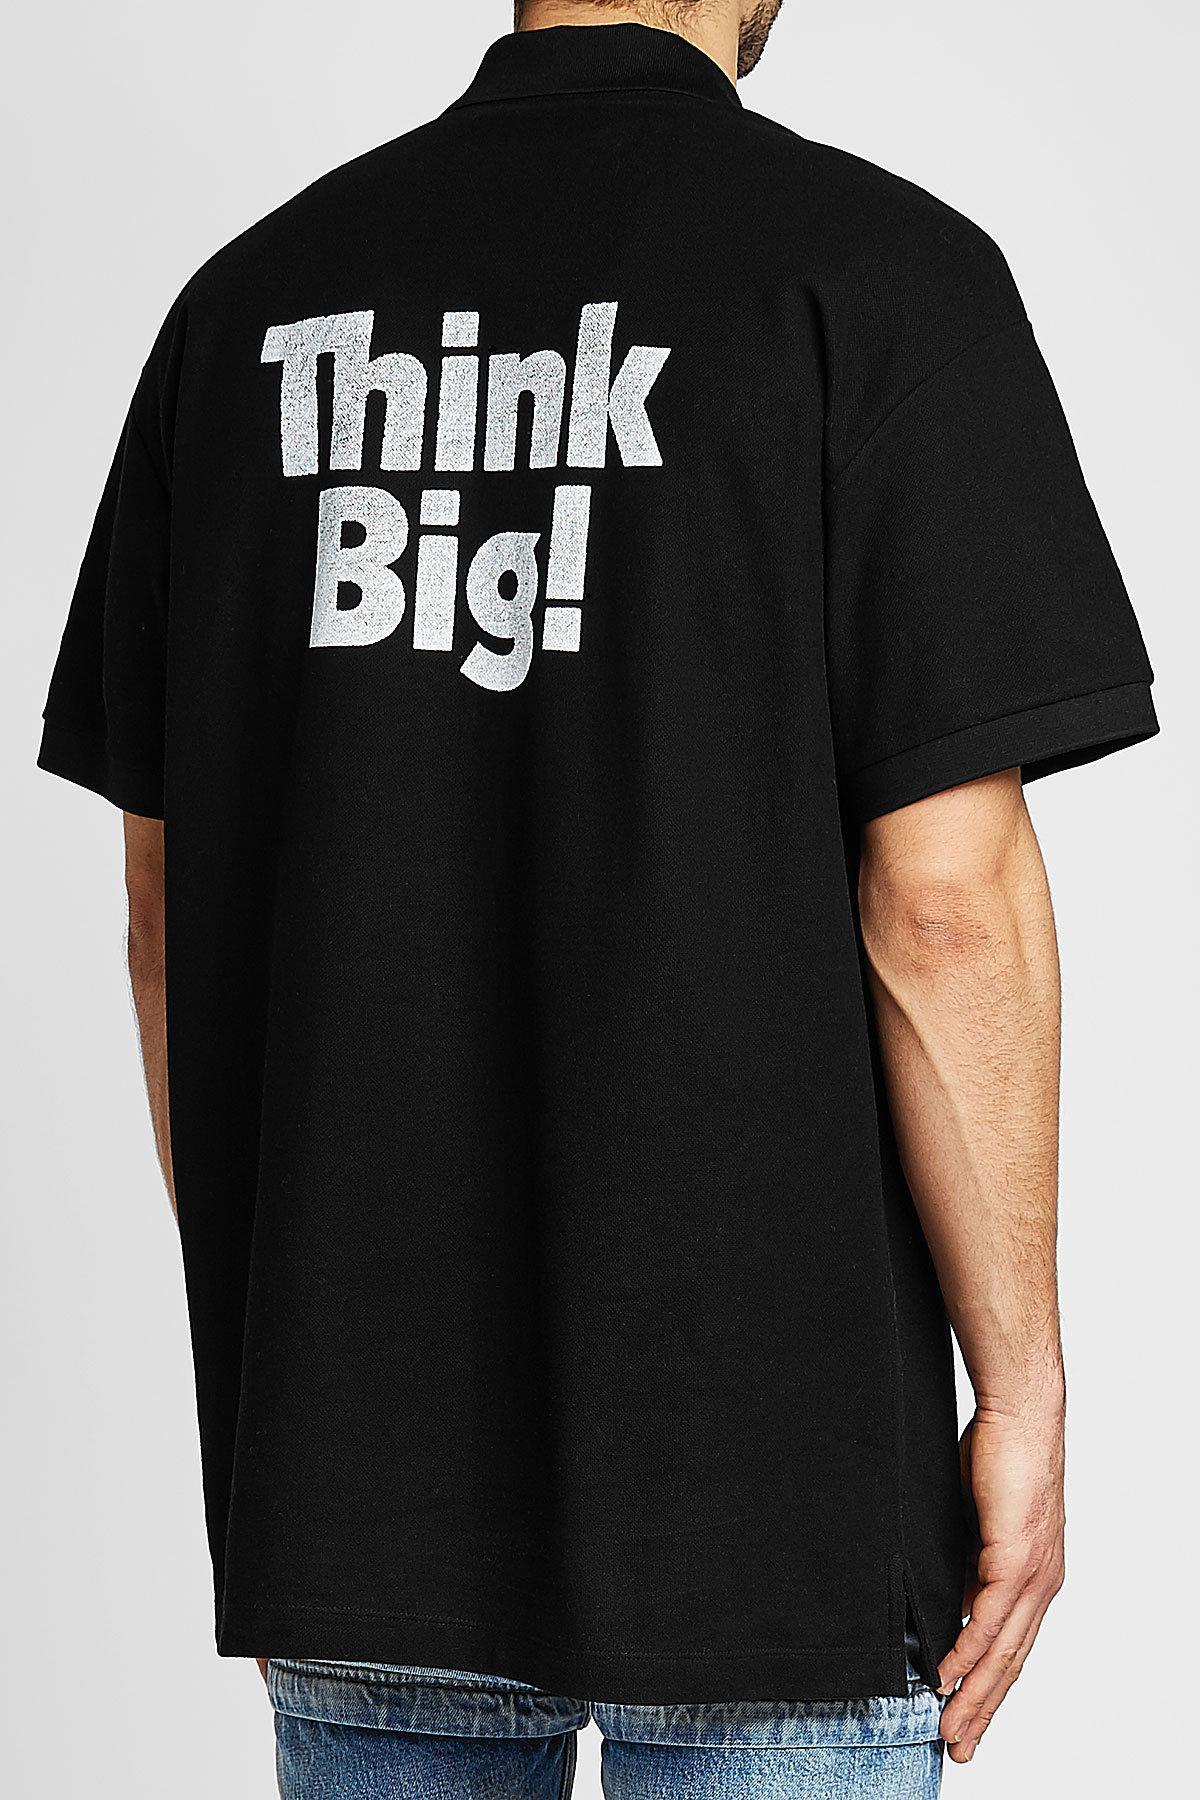 af82c057b balenciaga think big t shirt off 53% - www.relais-iroise.com